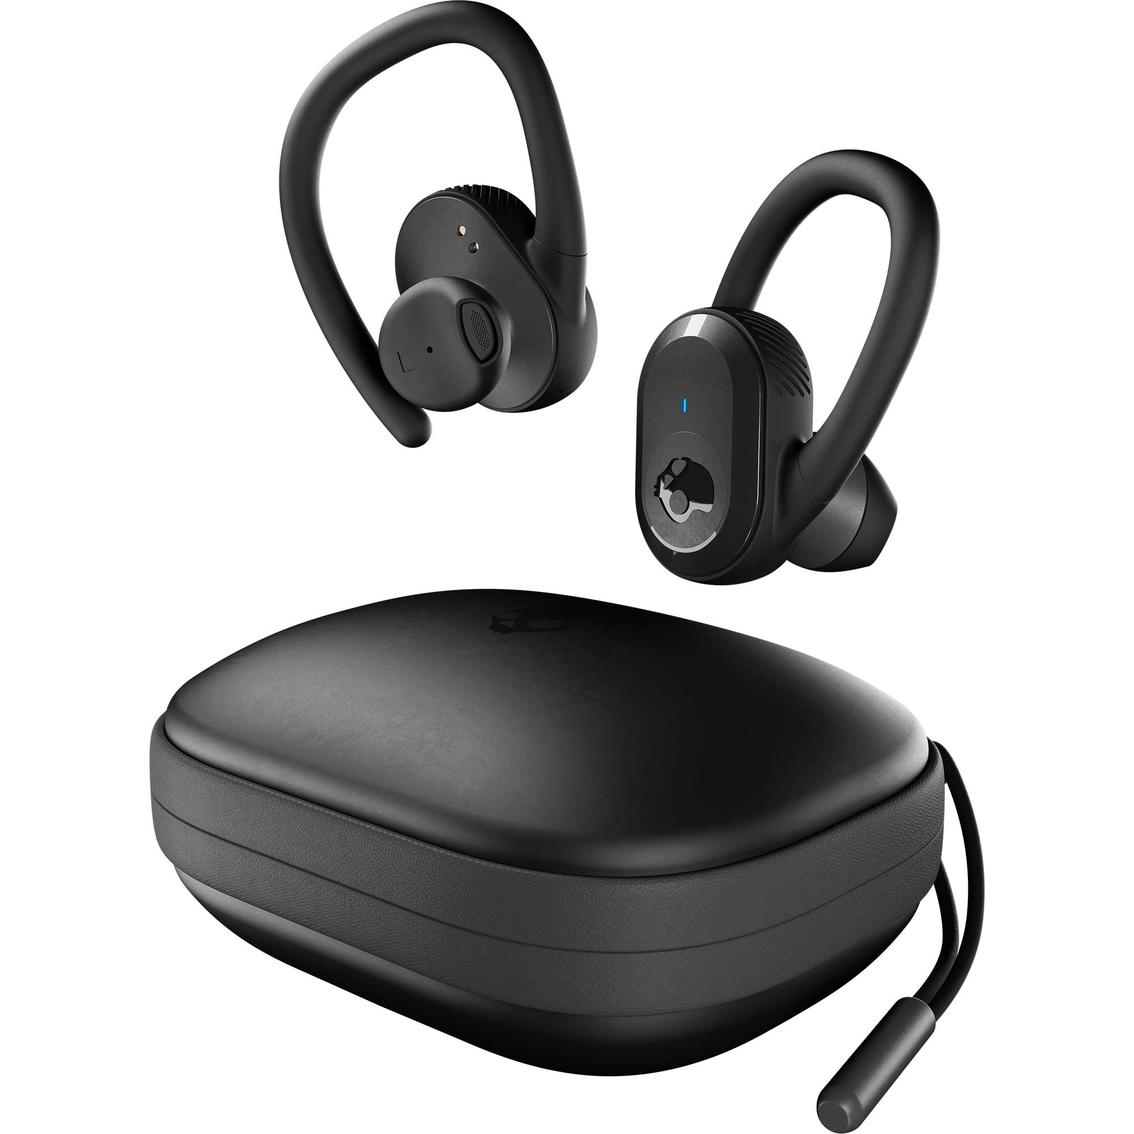 Skullcandy Push Ultra True Wireless Earbuds Headphones Microphones Home Office School Shop The Exchange